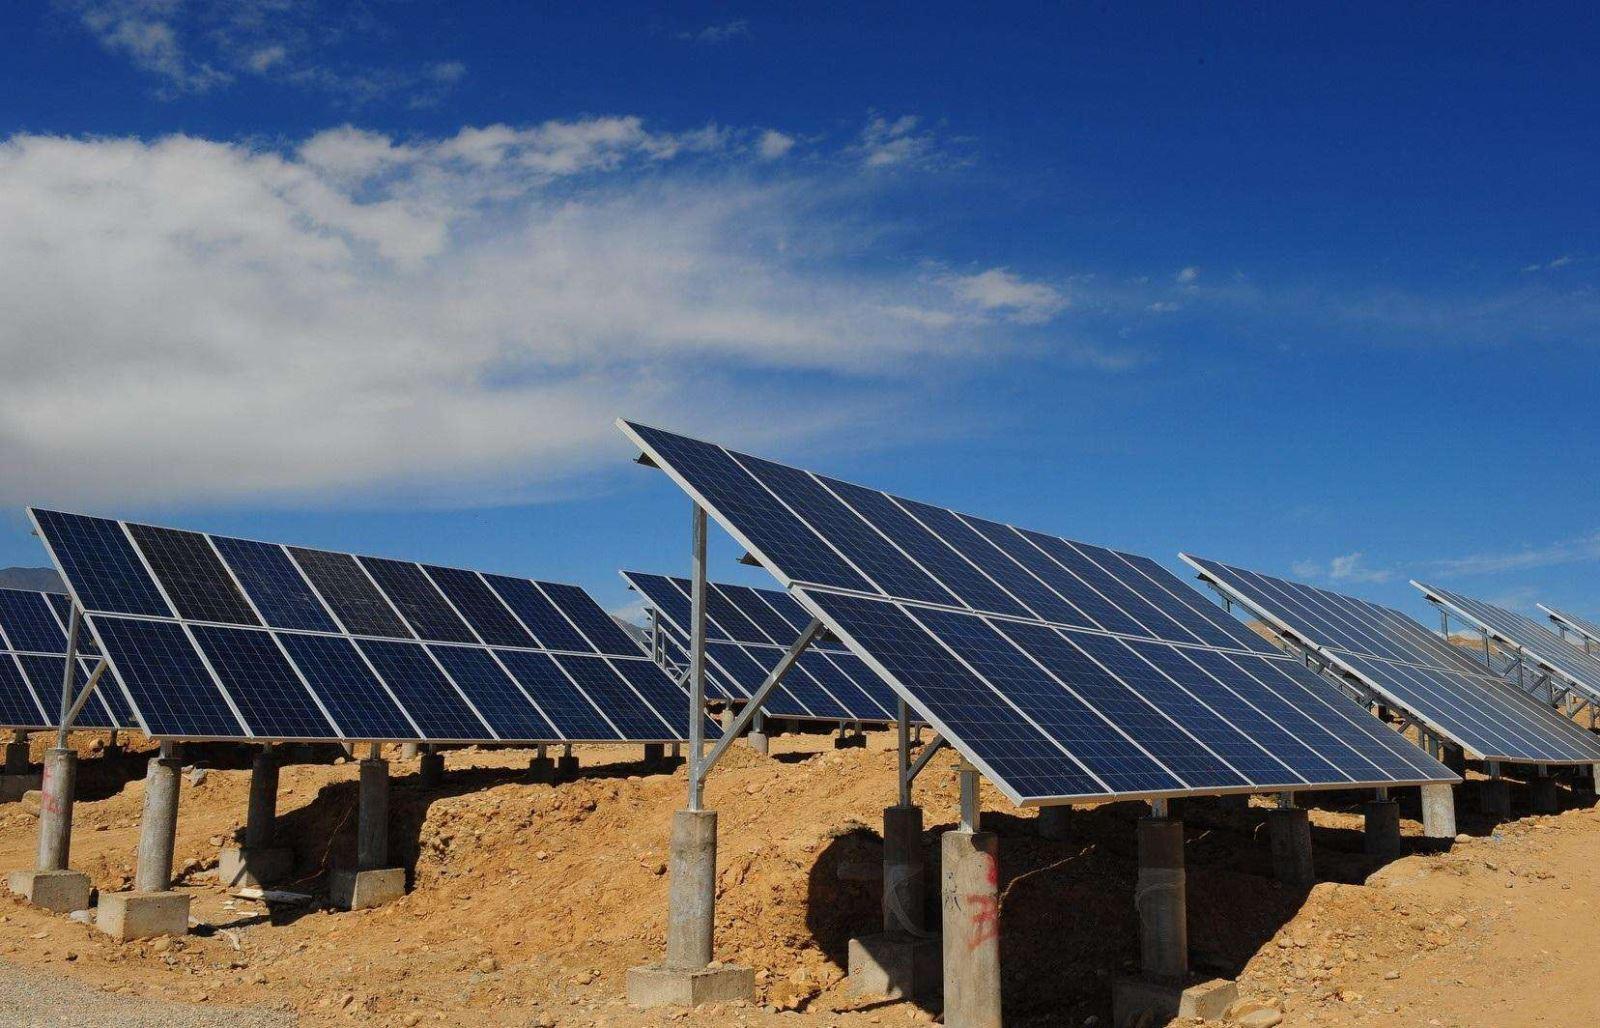 太阳能将成为西非未来能源系统主要来源